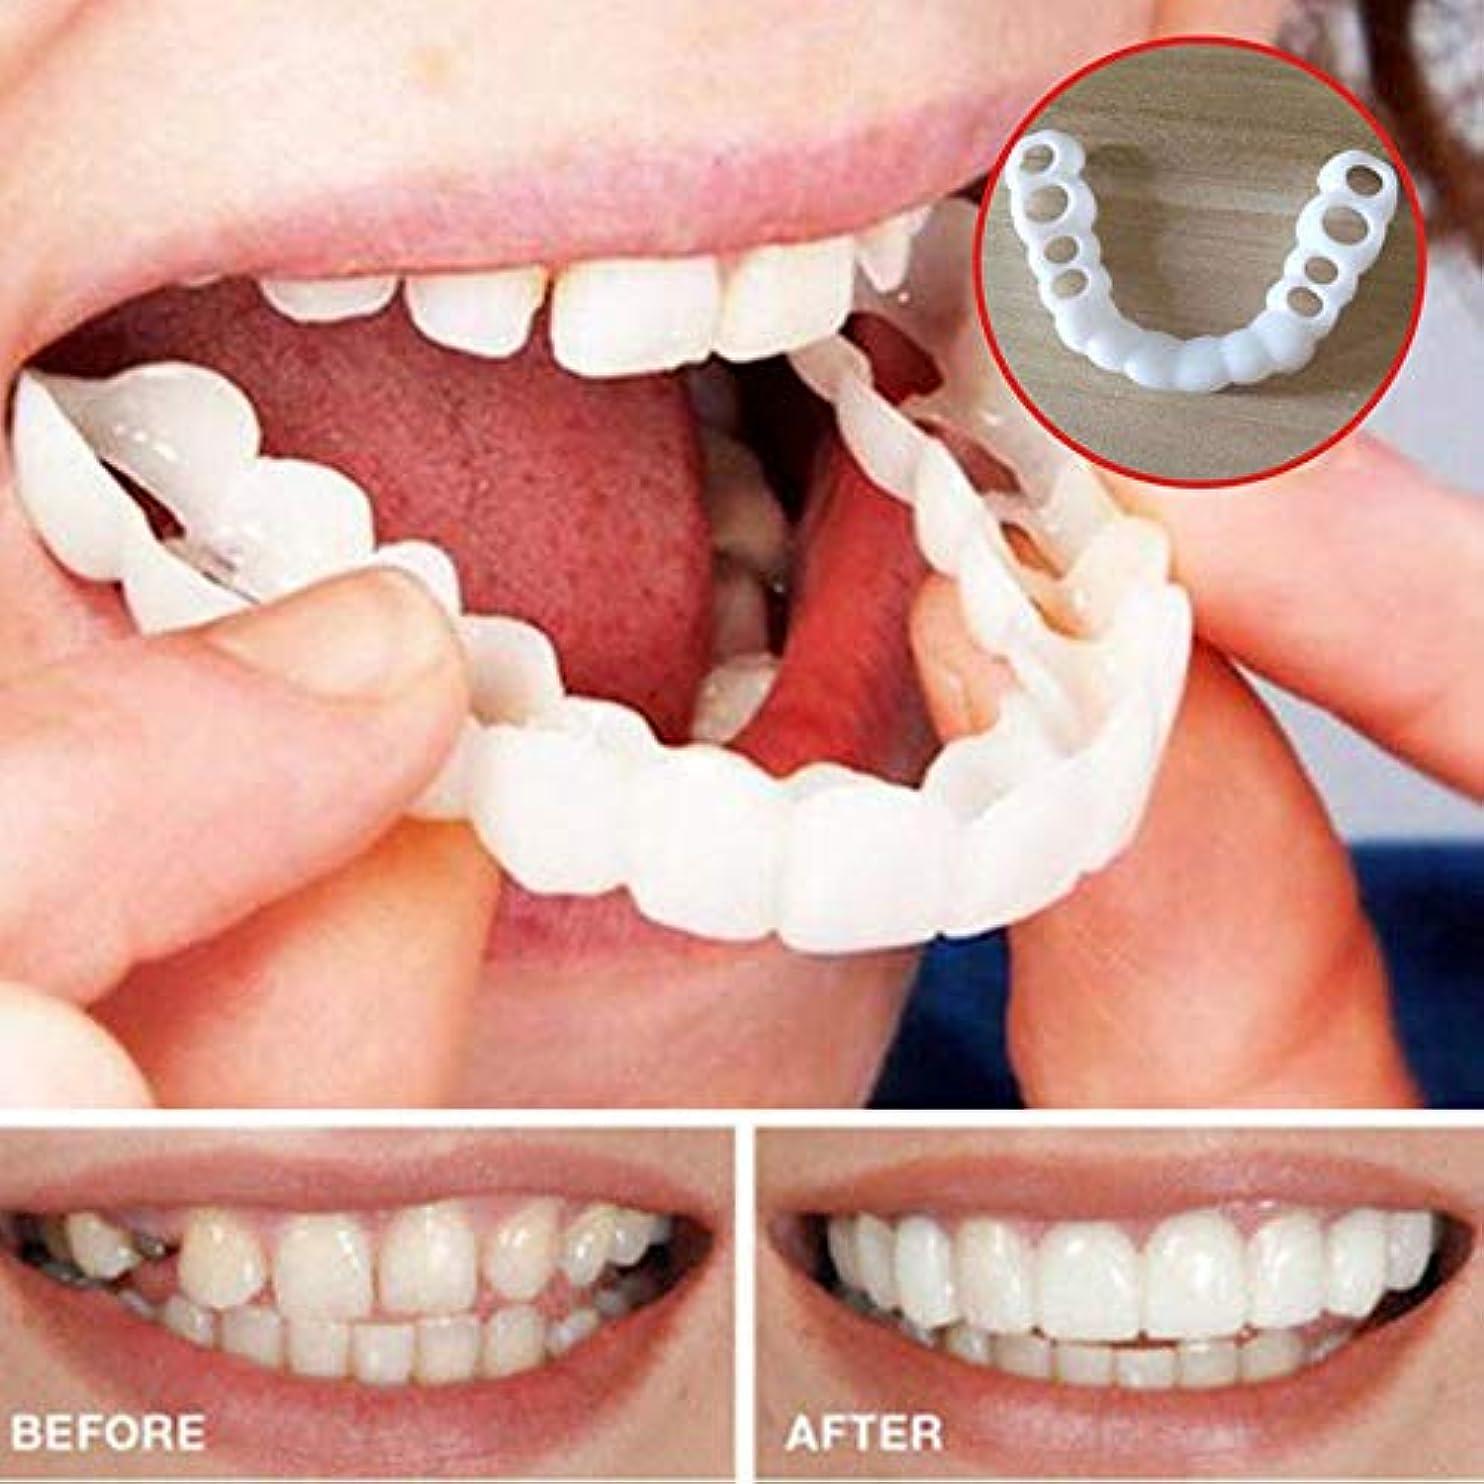 味付け群衆受動的シリコーンシミュレーション歯ホワイトニングブレース(6個),Lower